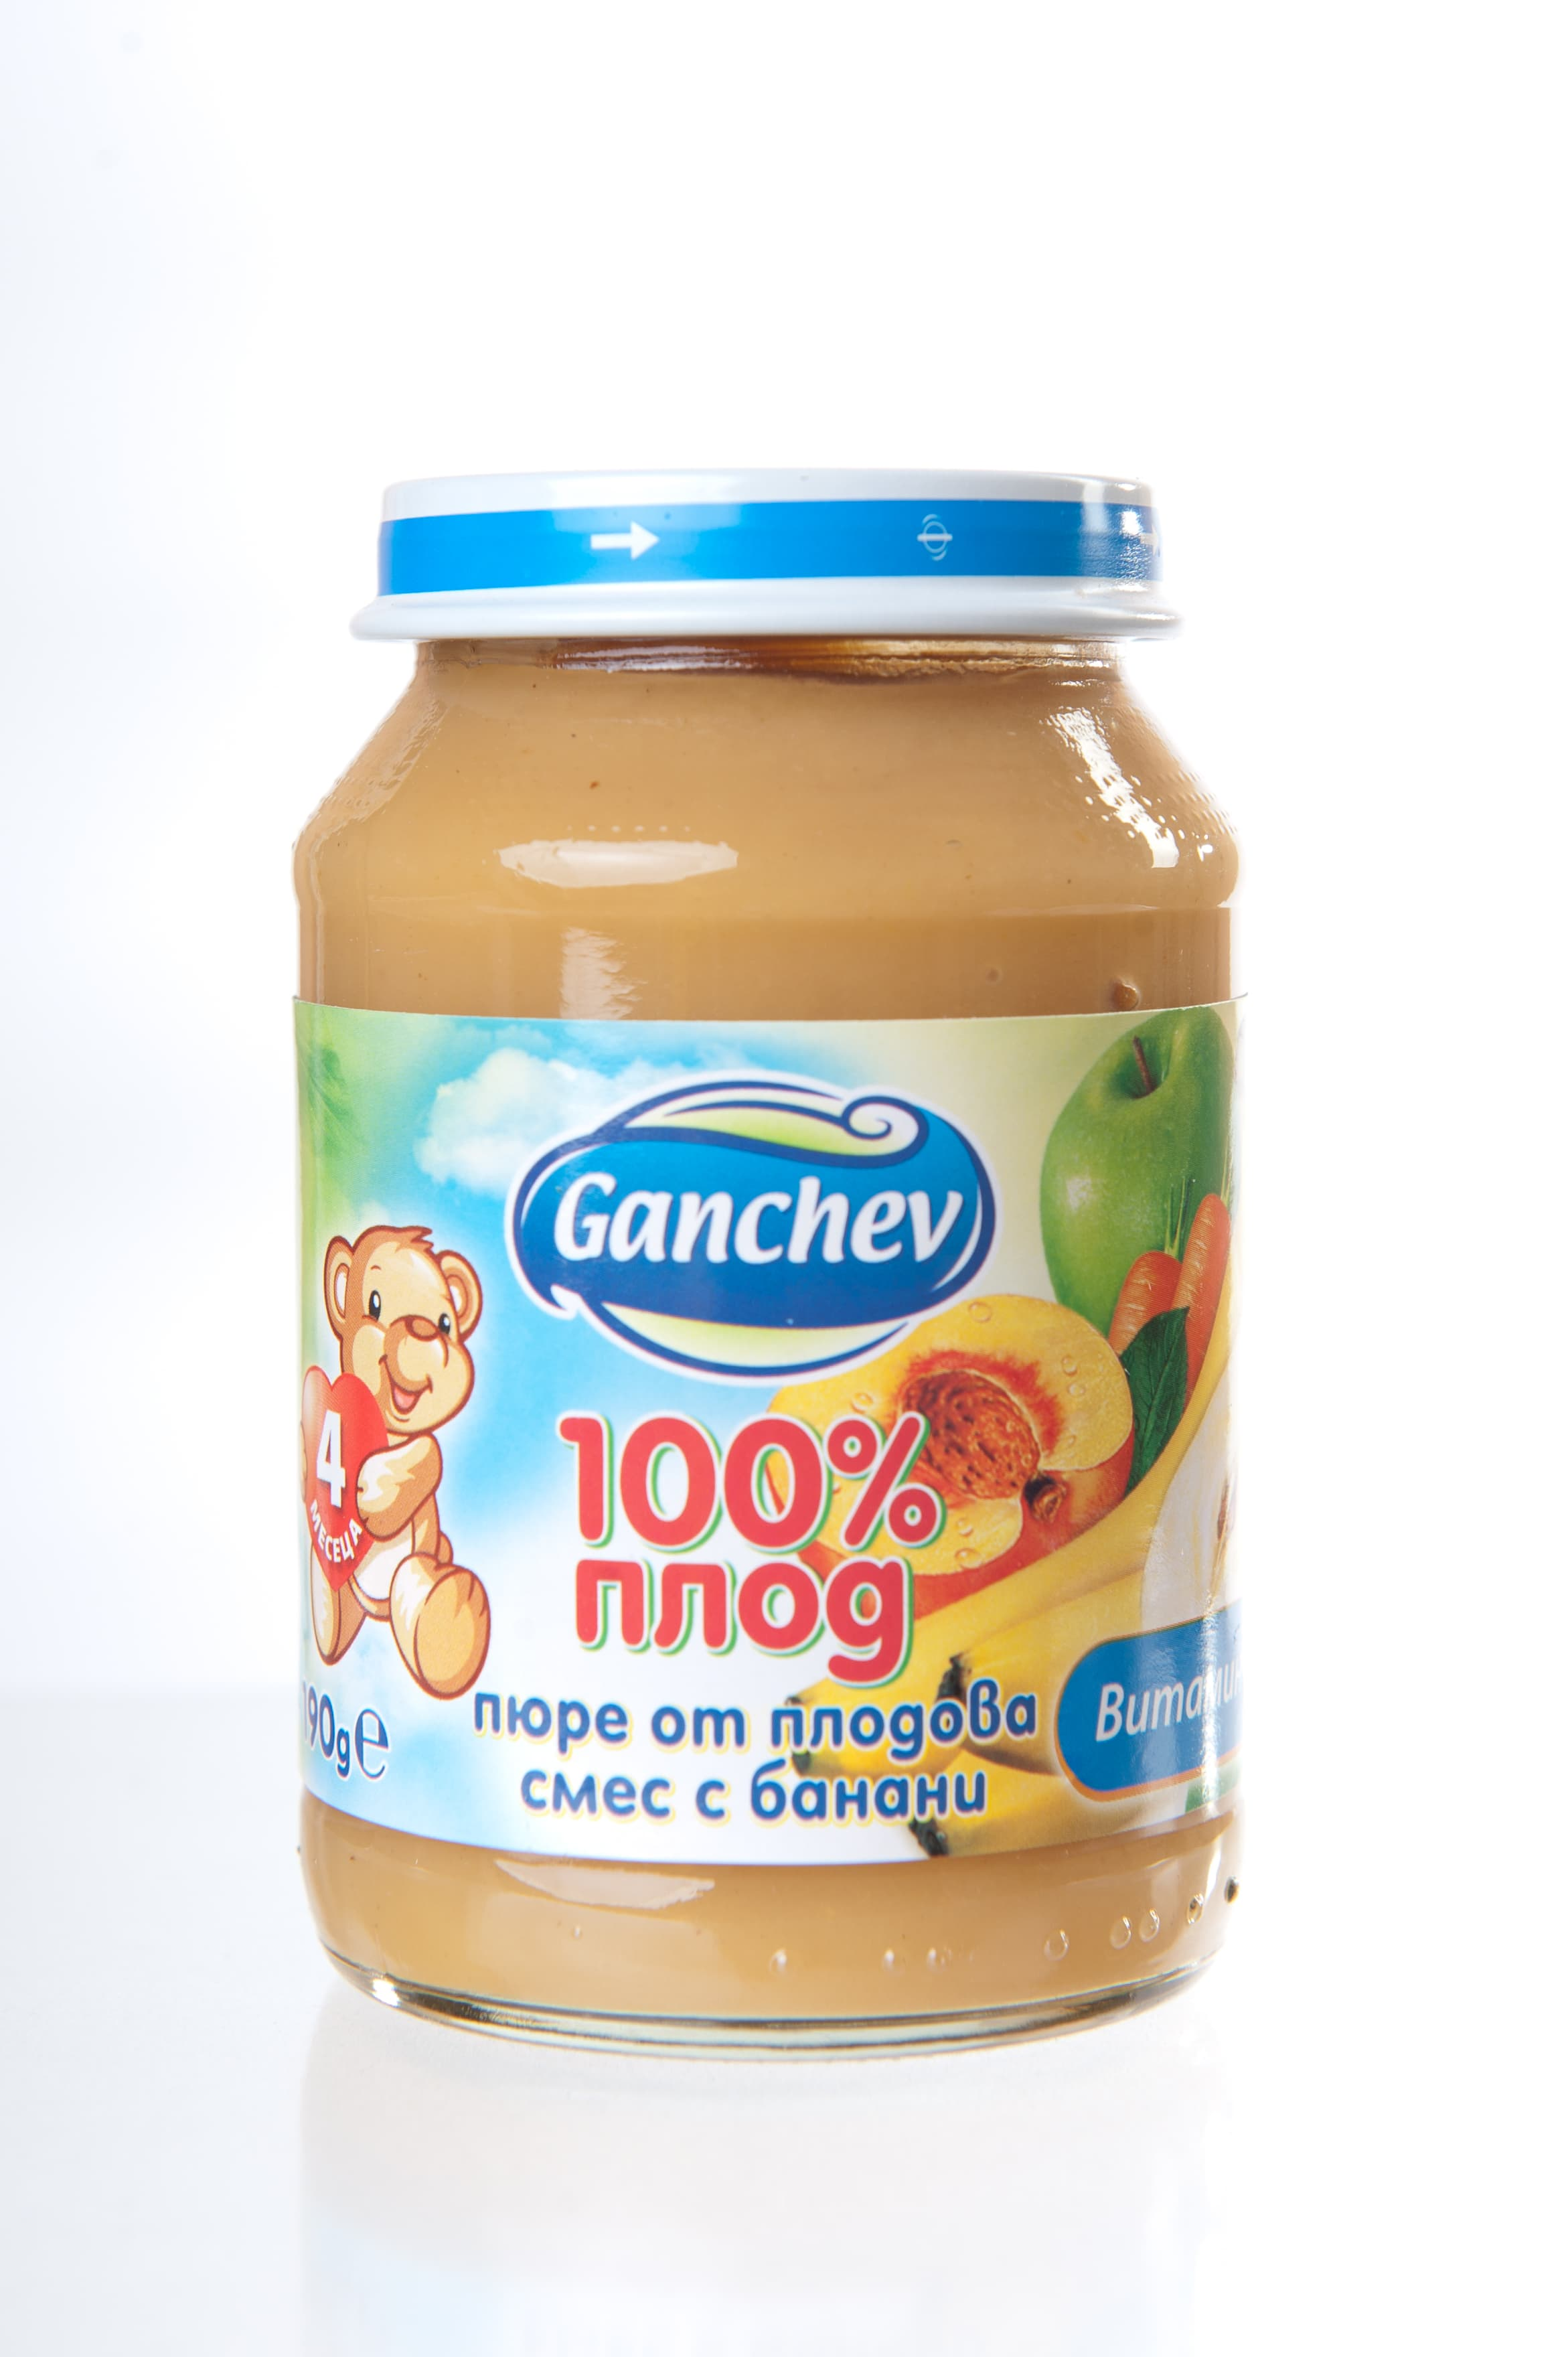 Ganchev-пюре плодова смес с банани 4м+ 190гр